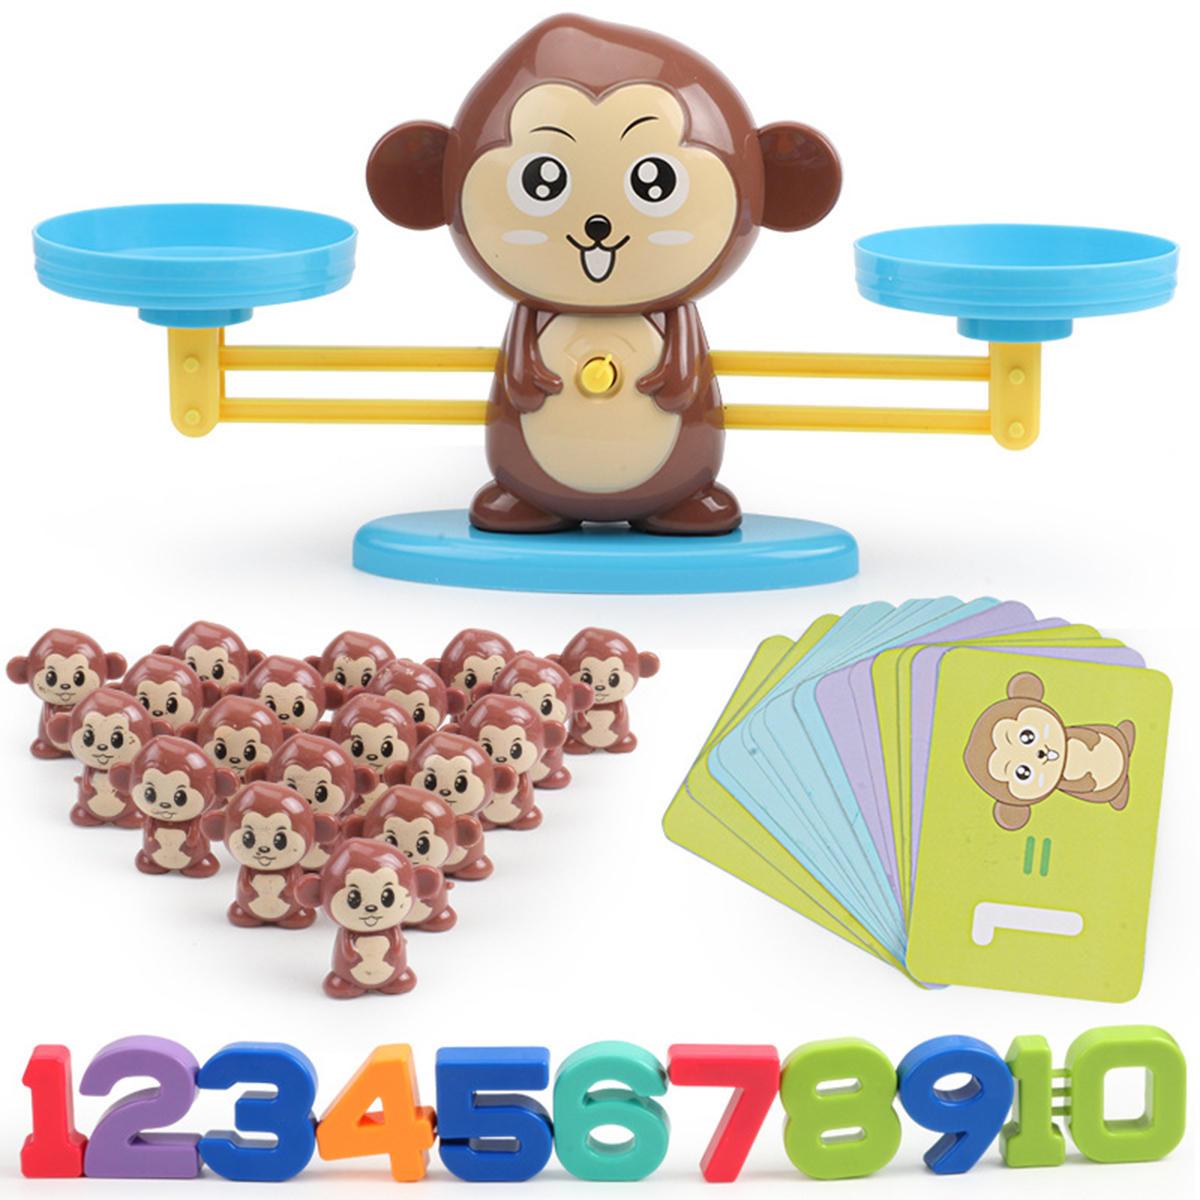 Animaux Nombre Balance Math Jouets Jouets Éducatifs Enfant D'âge  Préscolaire Jeu D'équilibre De Mathématiques serapportantà Jeux Animaux Enfant